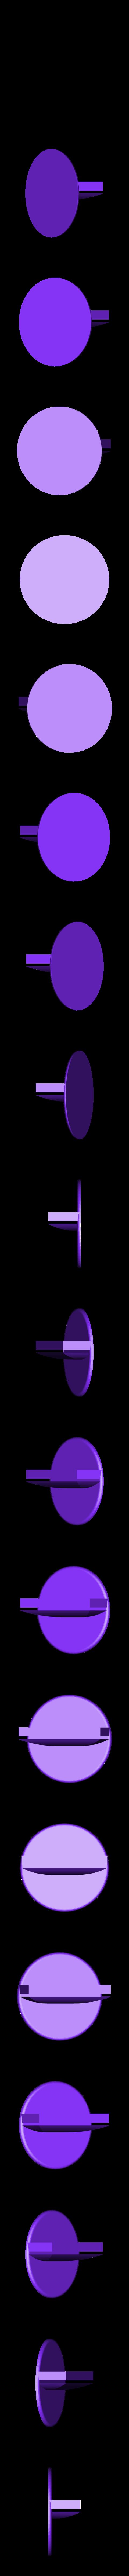 big_card_holder.stl Download free STL file big card holder • 3D printable object, mariospeed